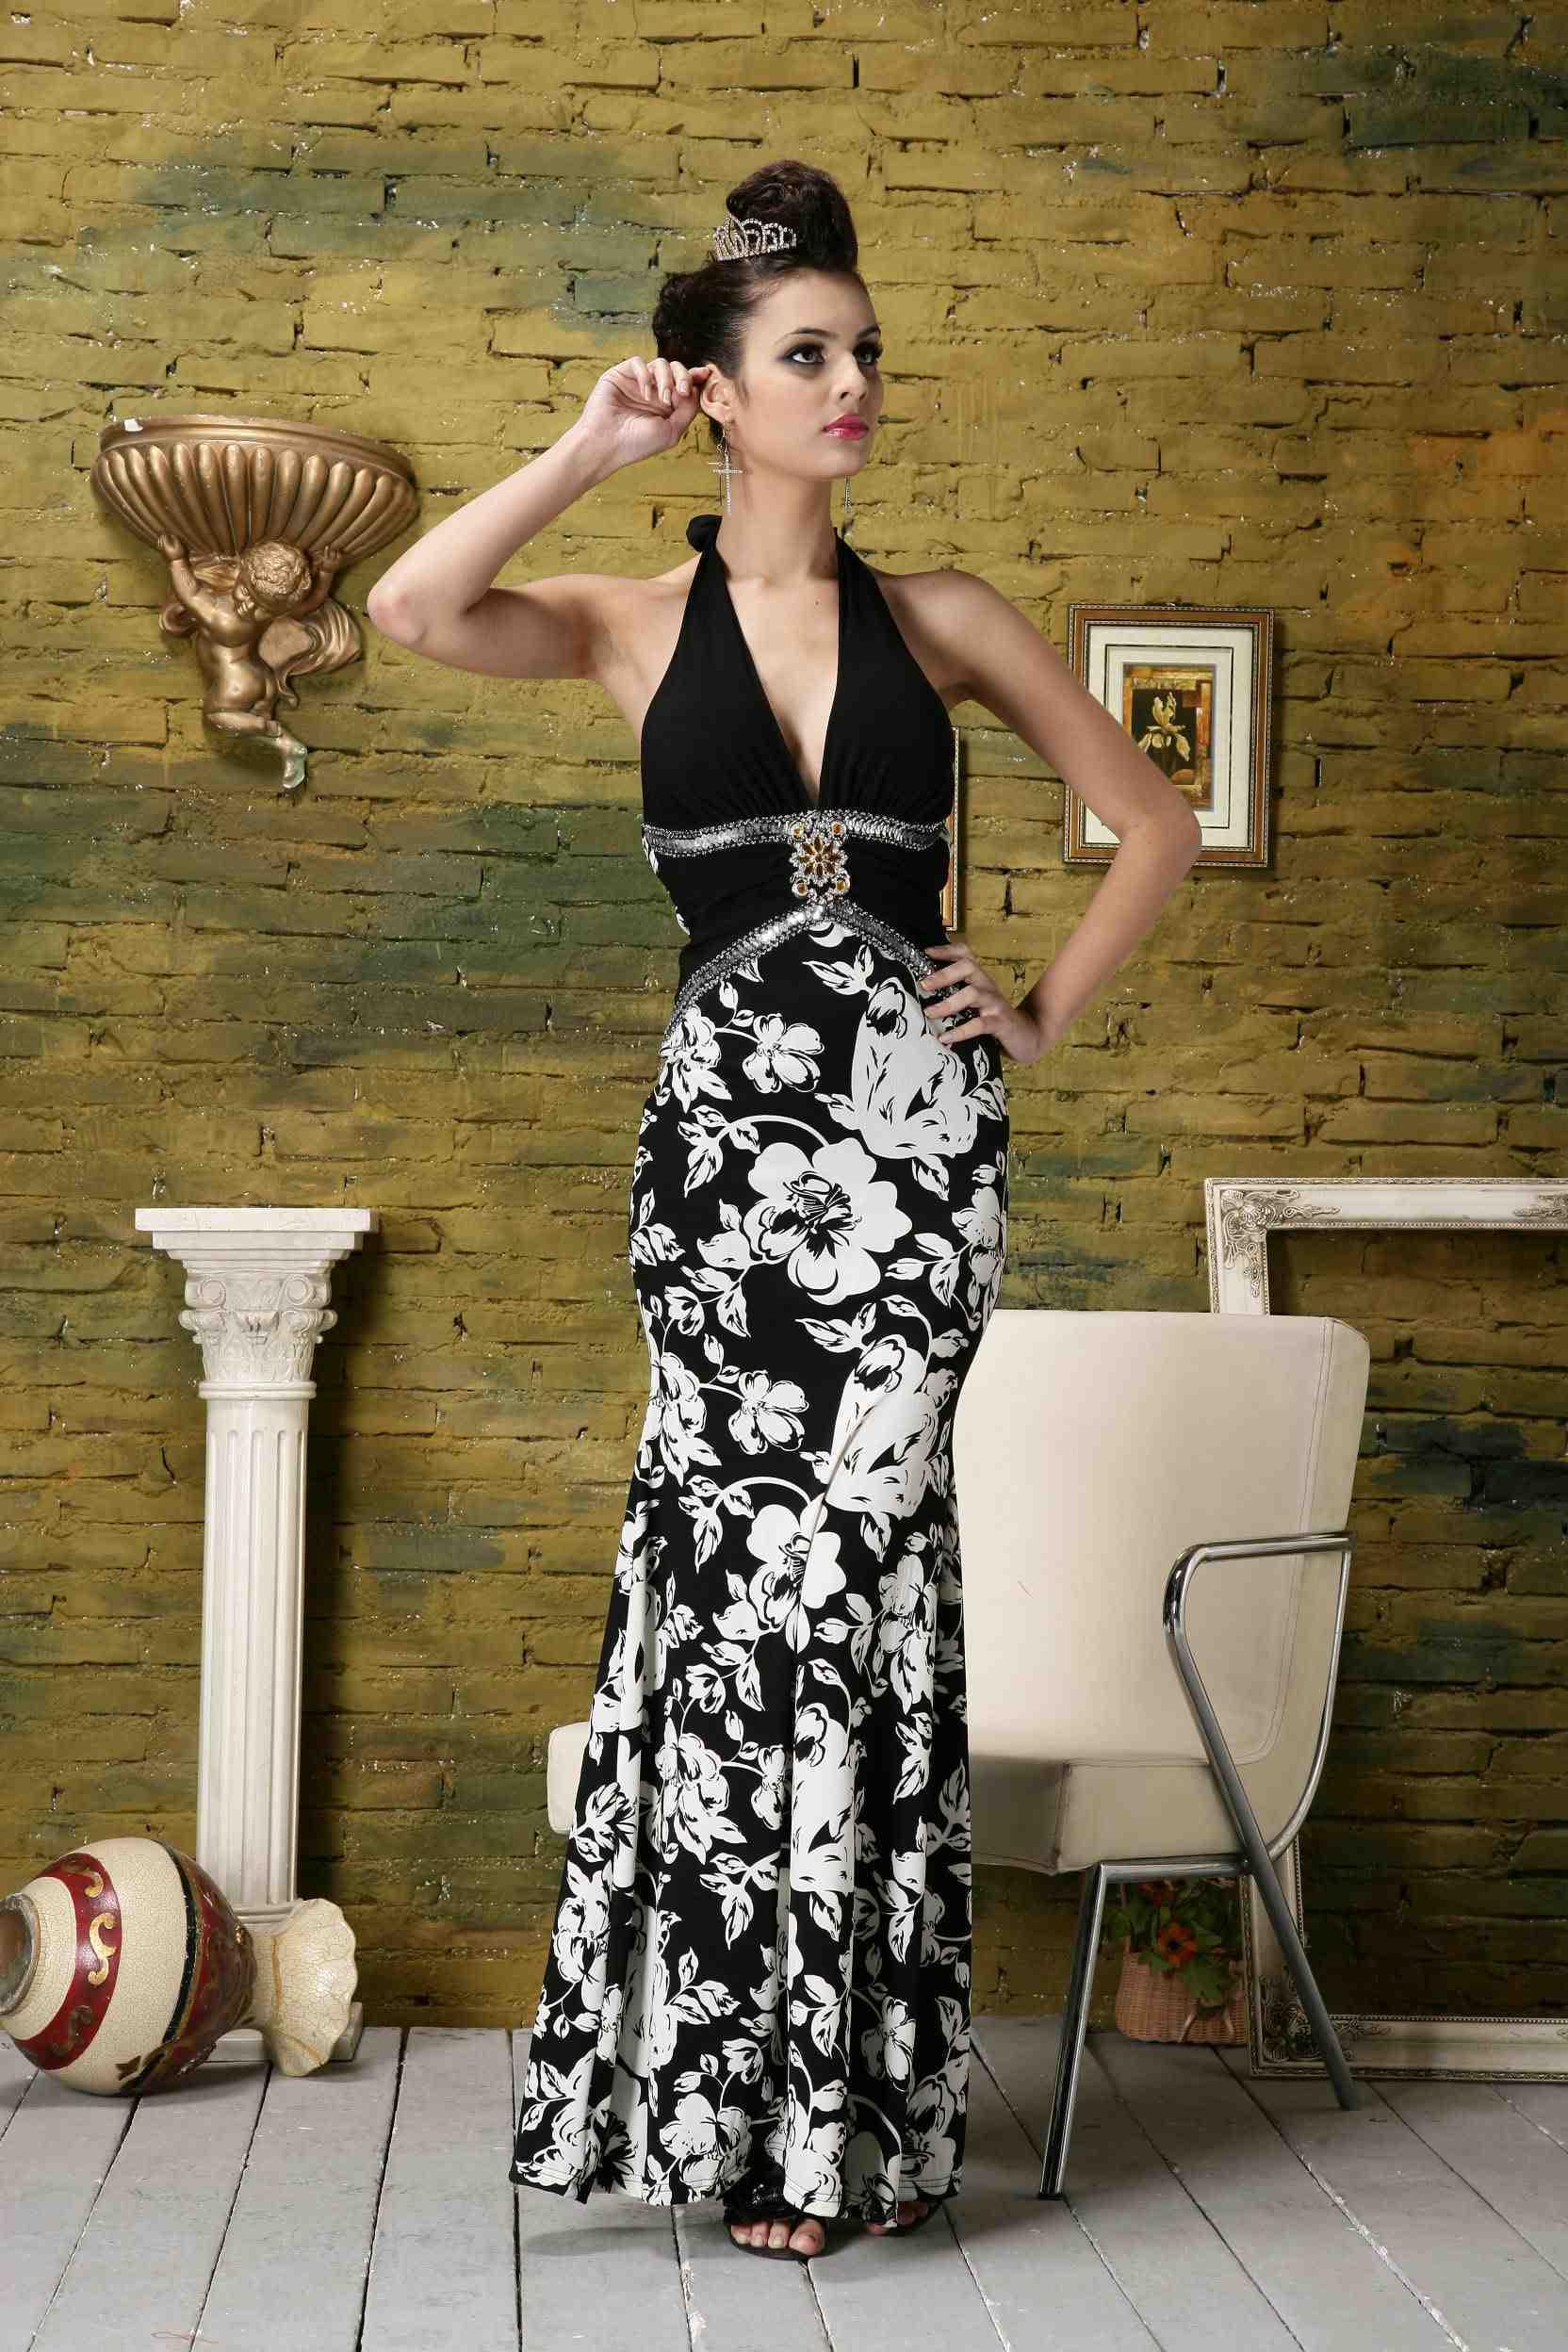 Вечерние платья Черный и белый узор ночные клубы длинный участок глубокий V сексуальный приталенный вечернее платья черный высокая талия платье модератора одежды 21267